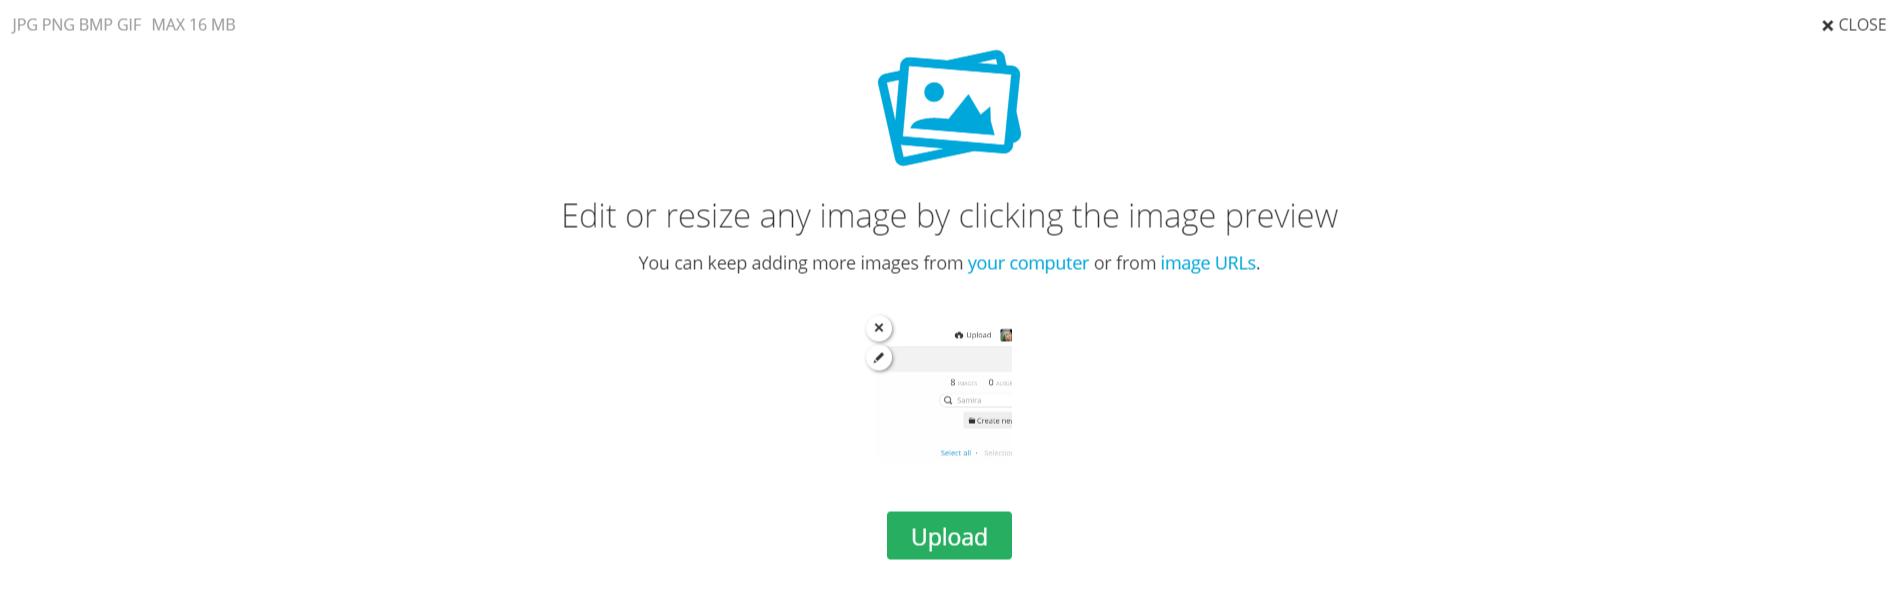 screenshot_ratchetgaming_imgbb_com_2017_12_24_07_12_23_302.png